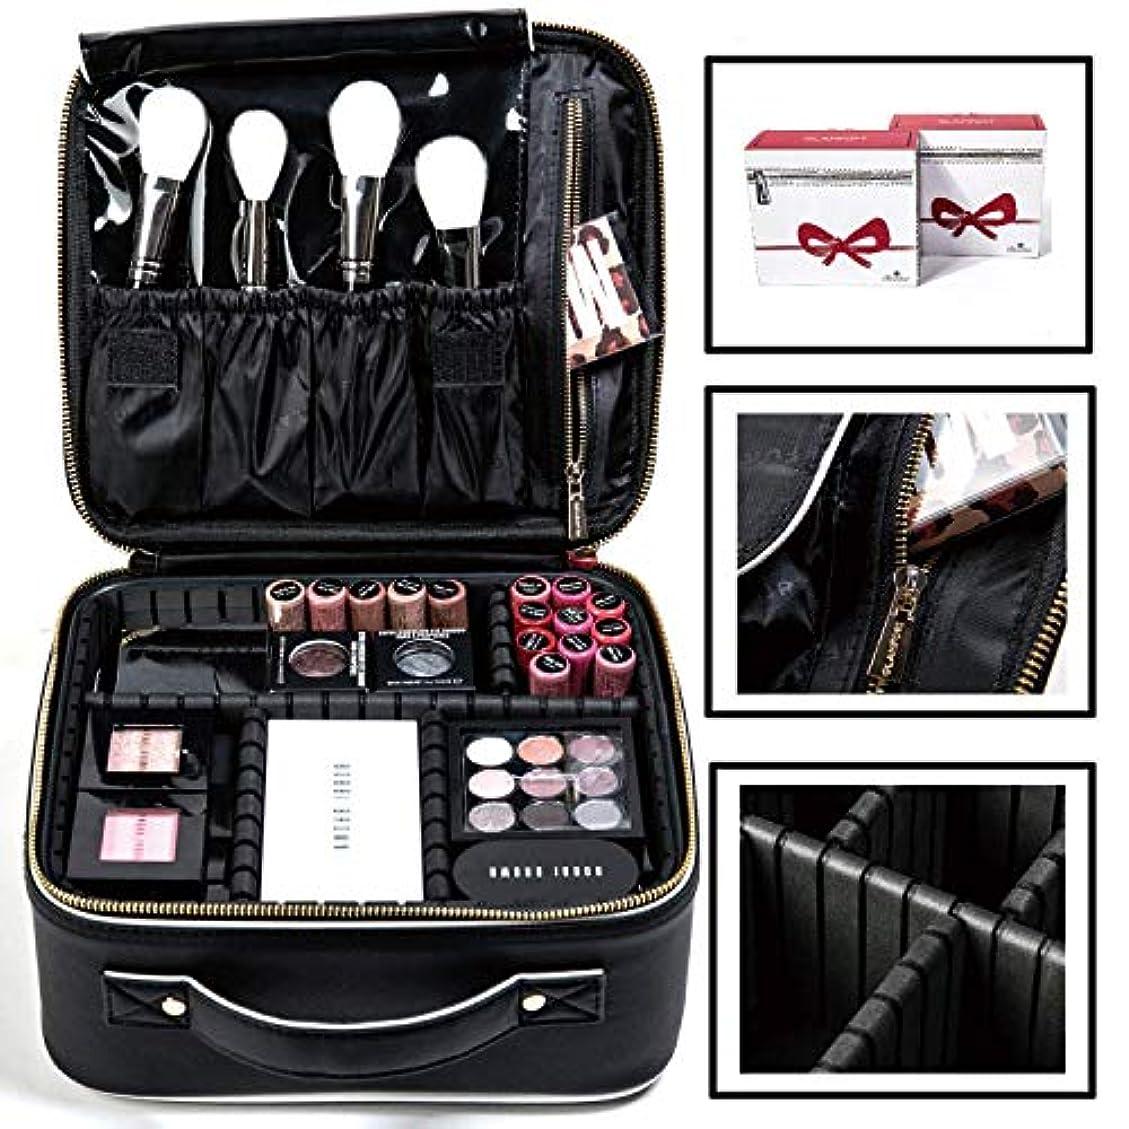 コスメポーチ化粧ポーチコスメバック黒の高品質の旅行GLAMFORTコスメポーチ